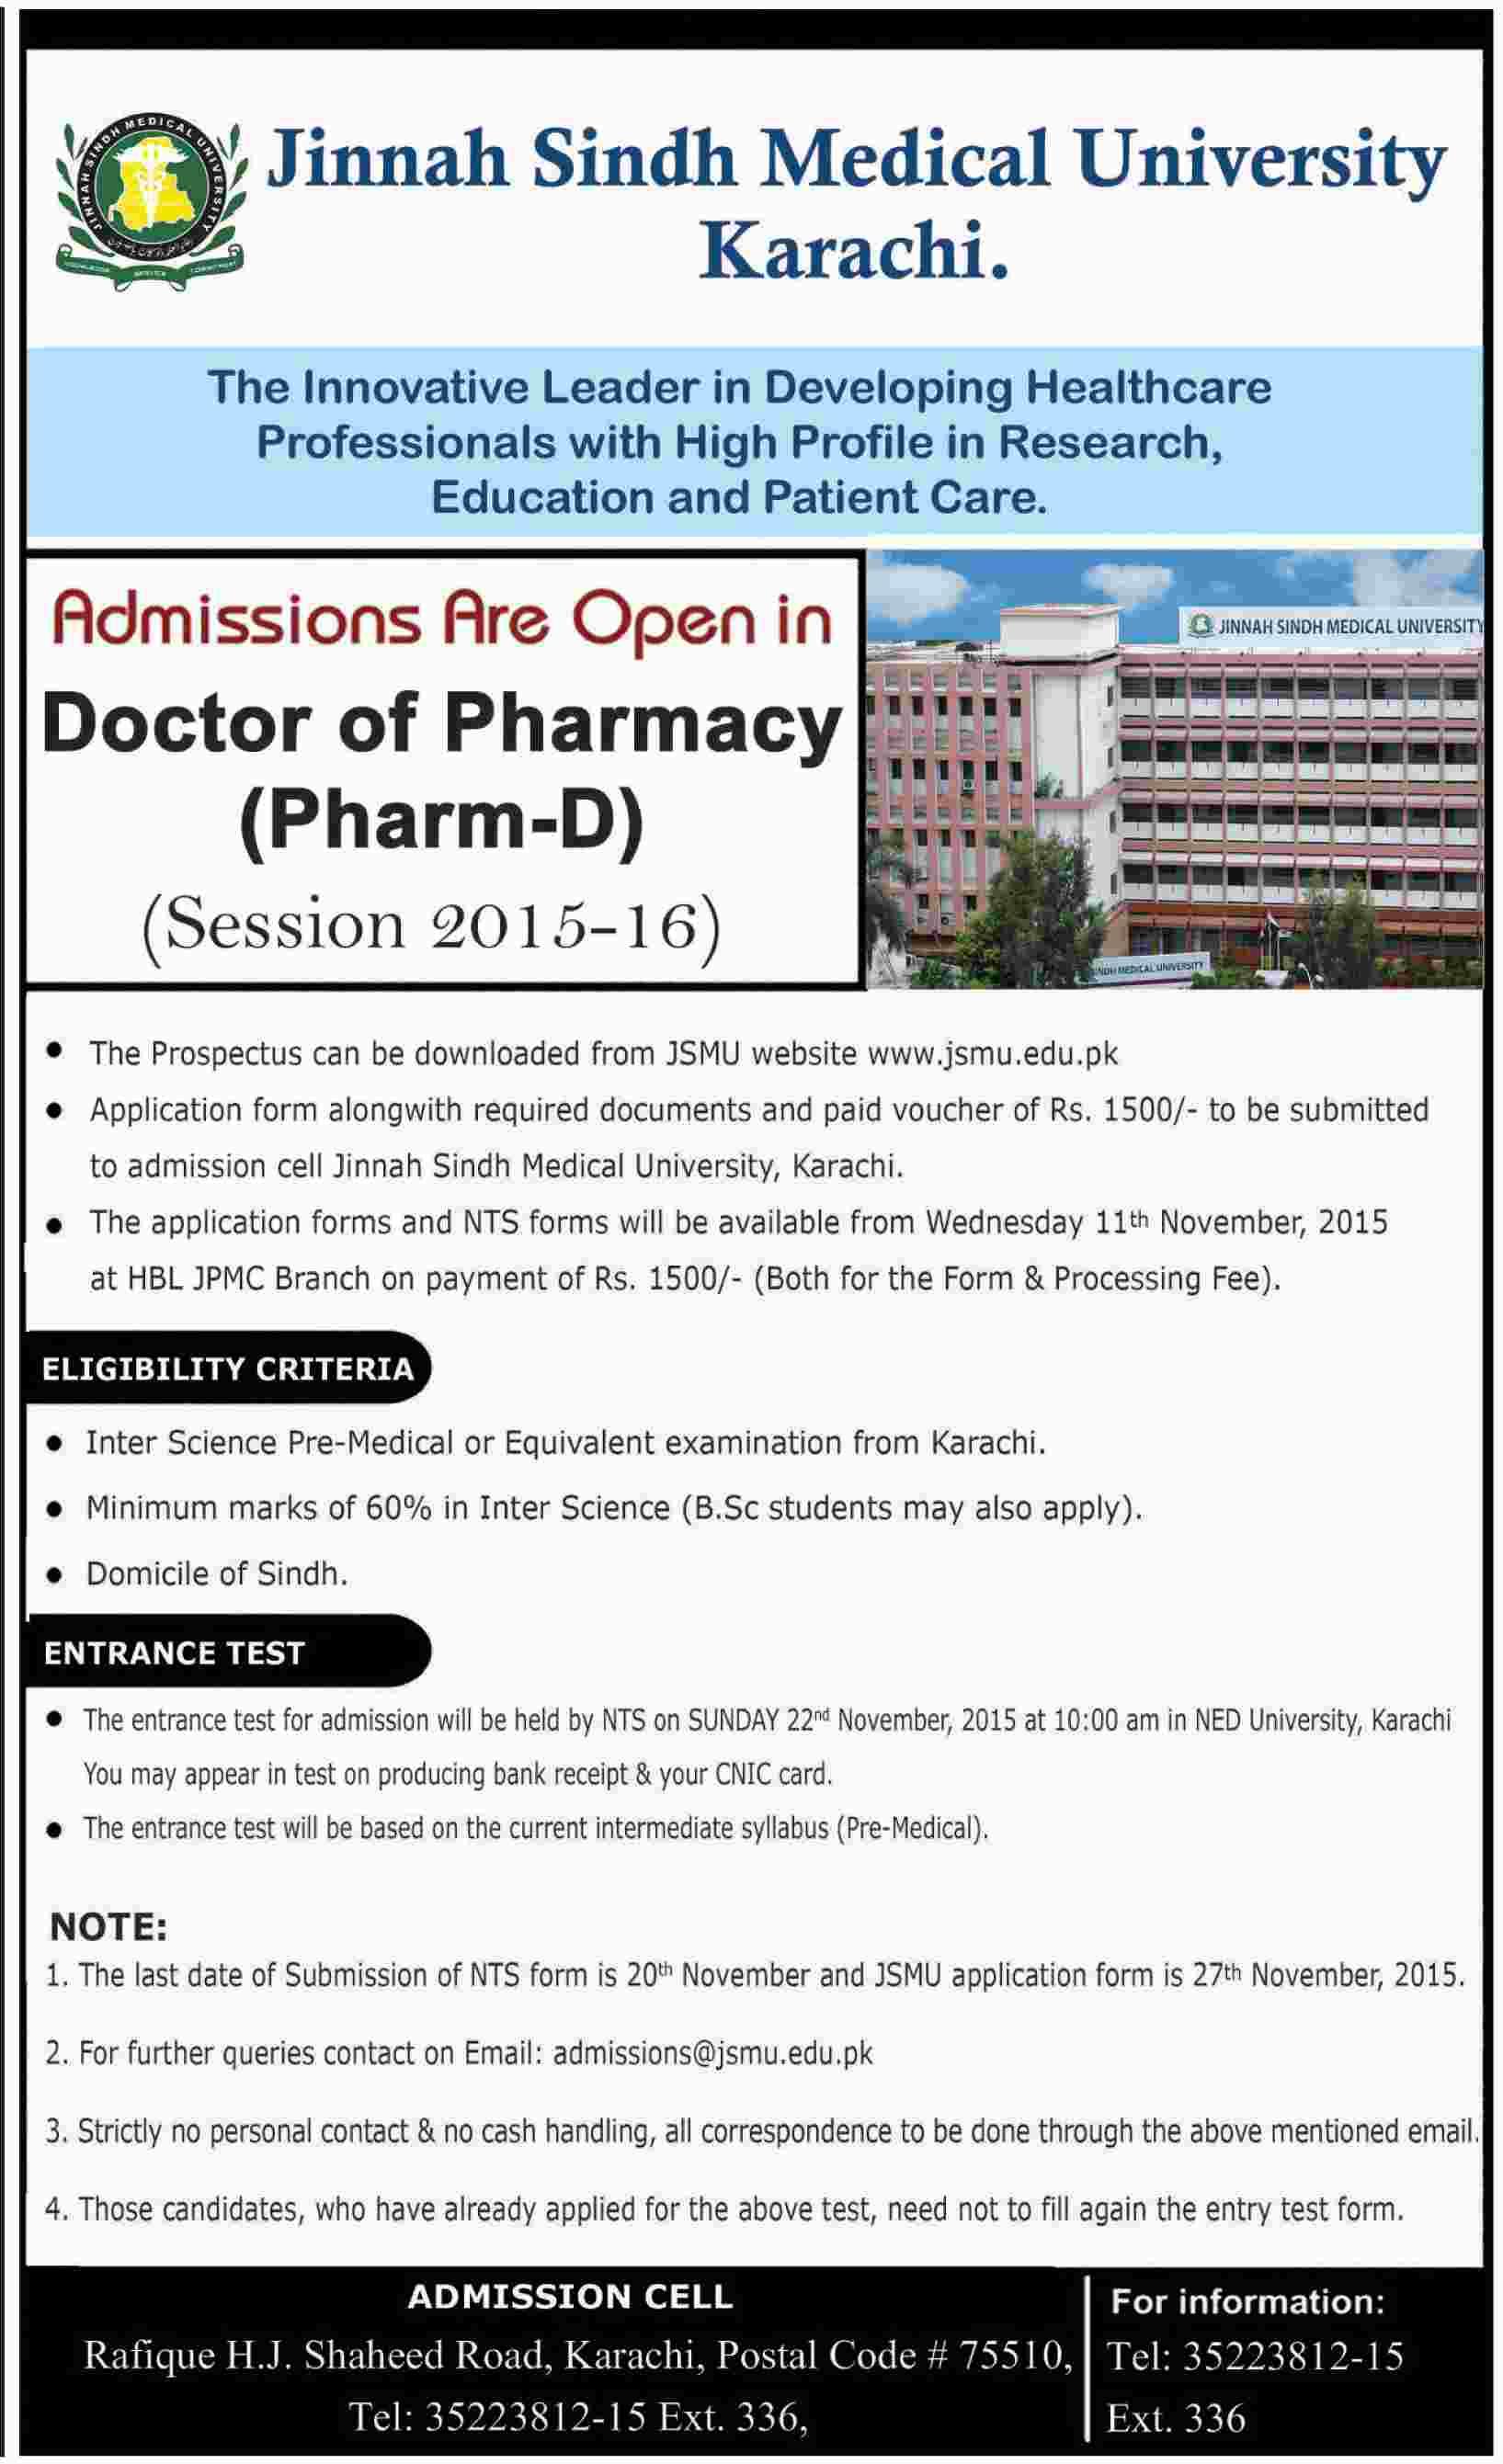 Jinnah Sindh Medical University Karachi Pharm D Admission 2015-16